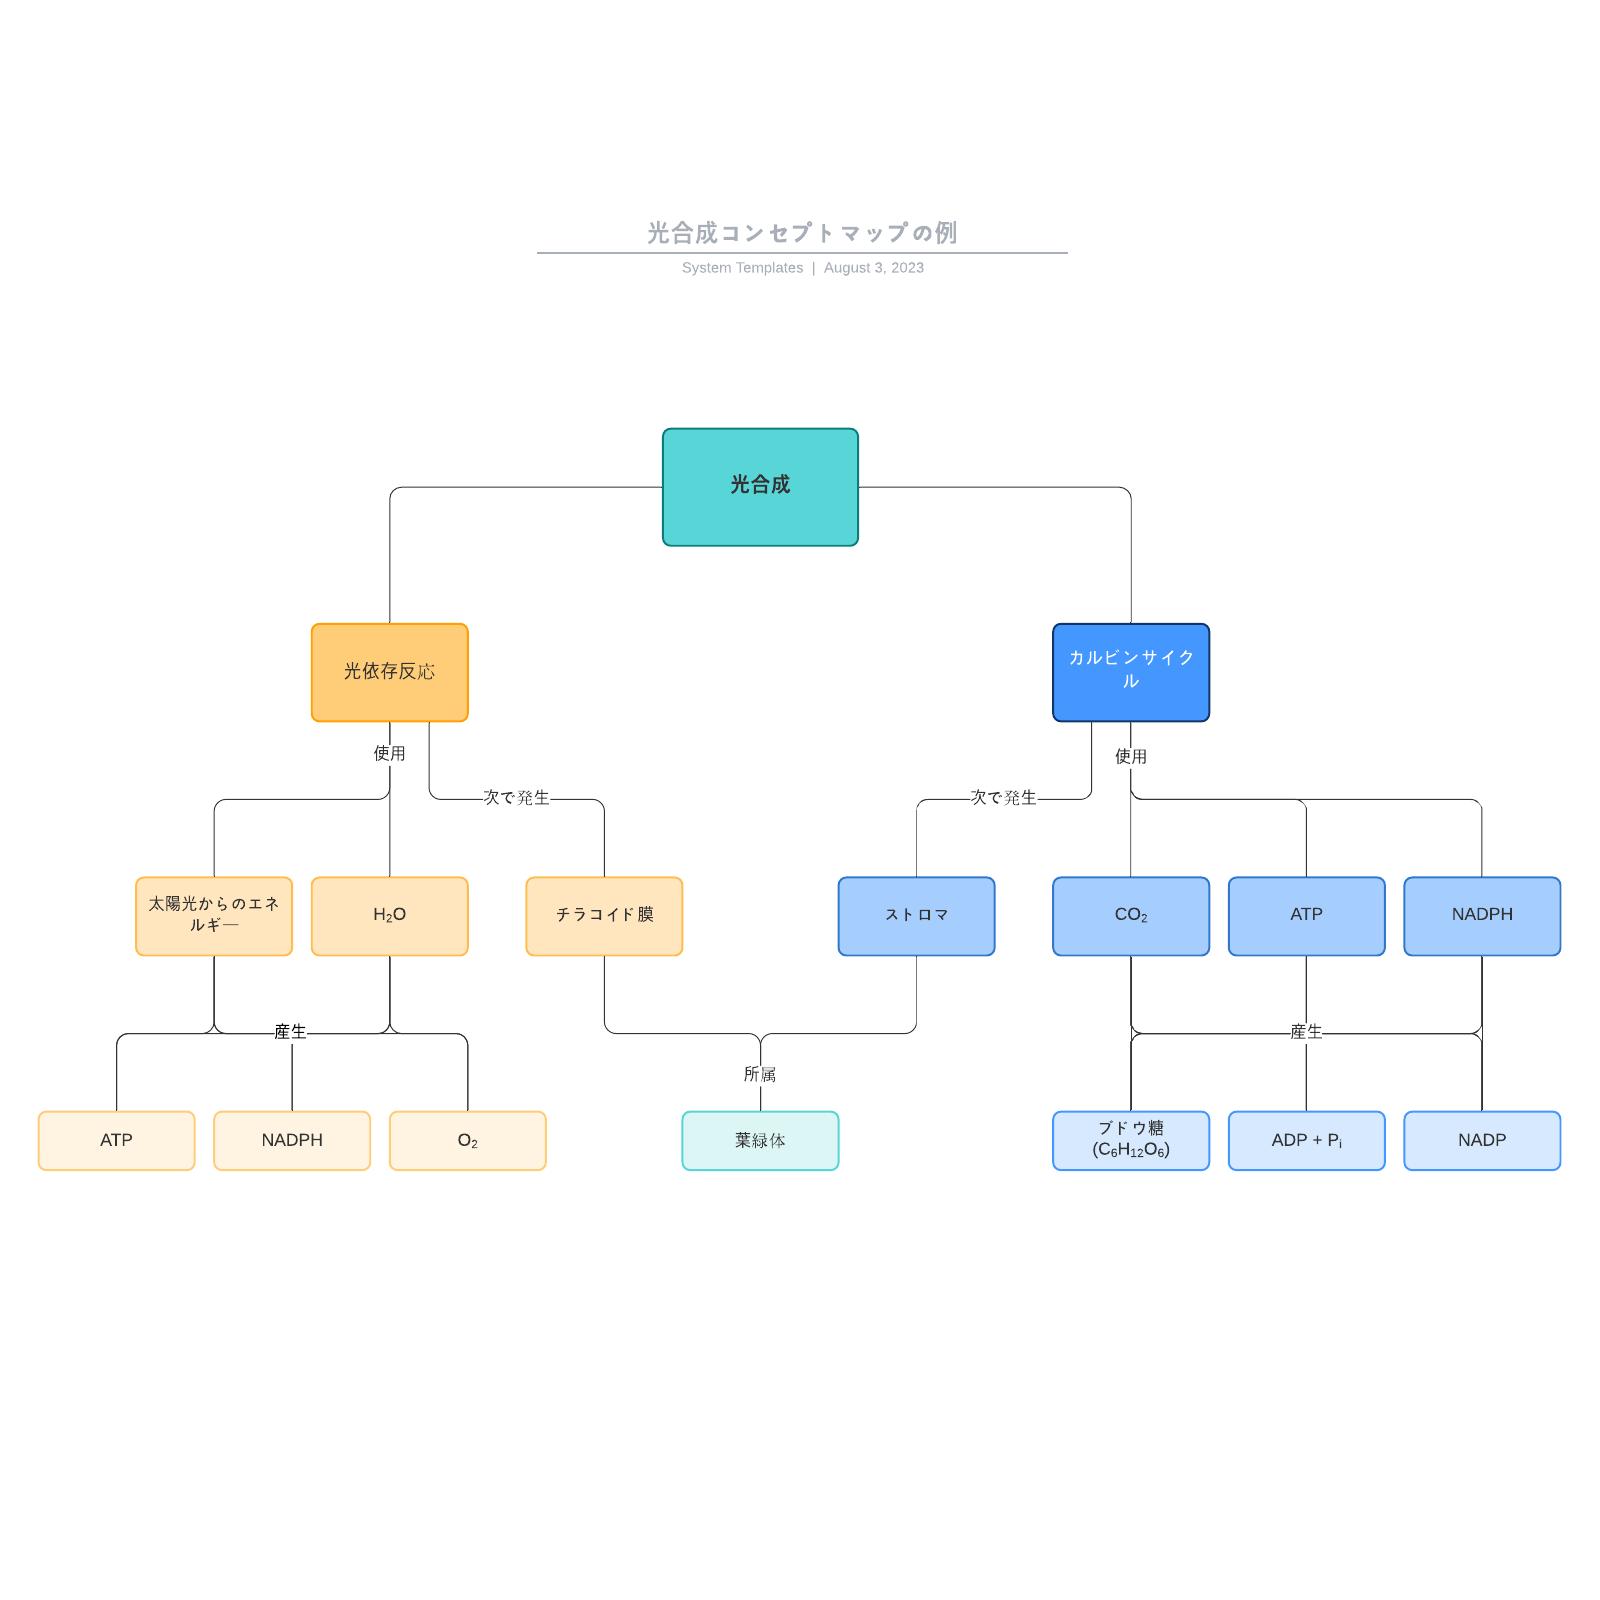 光合成コンセプトマップ(概念図)の例